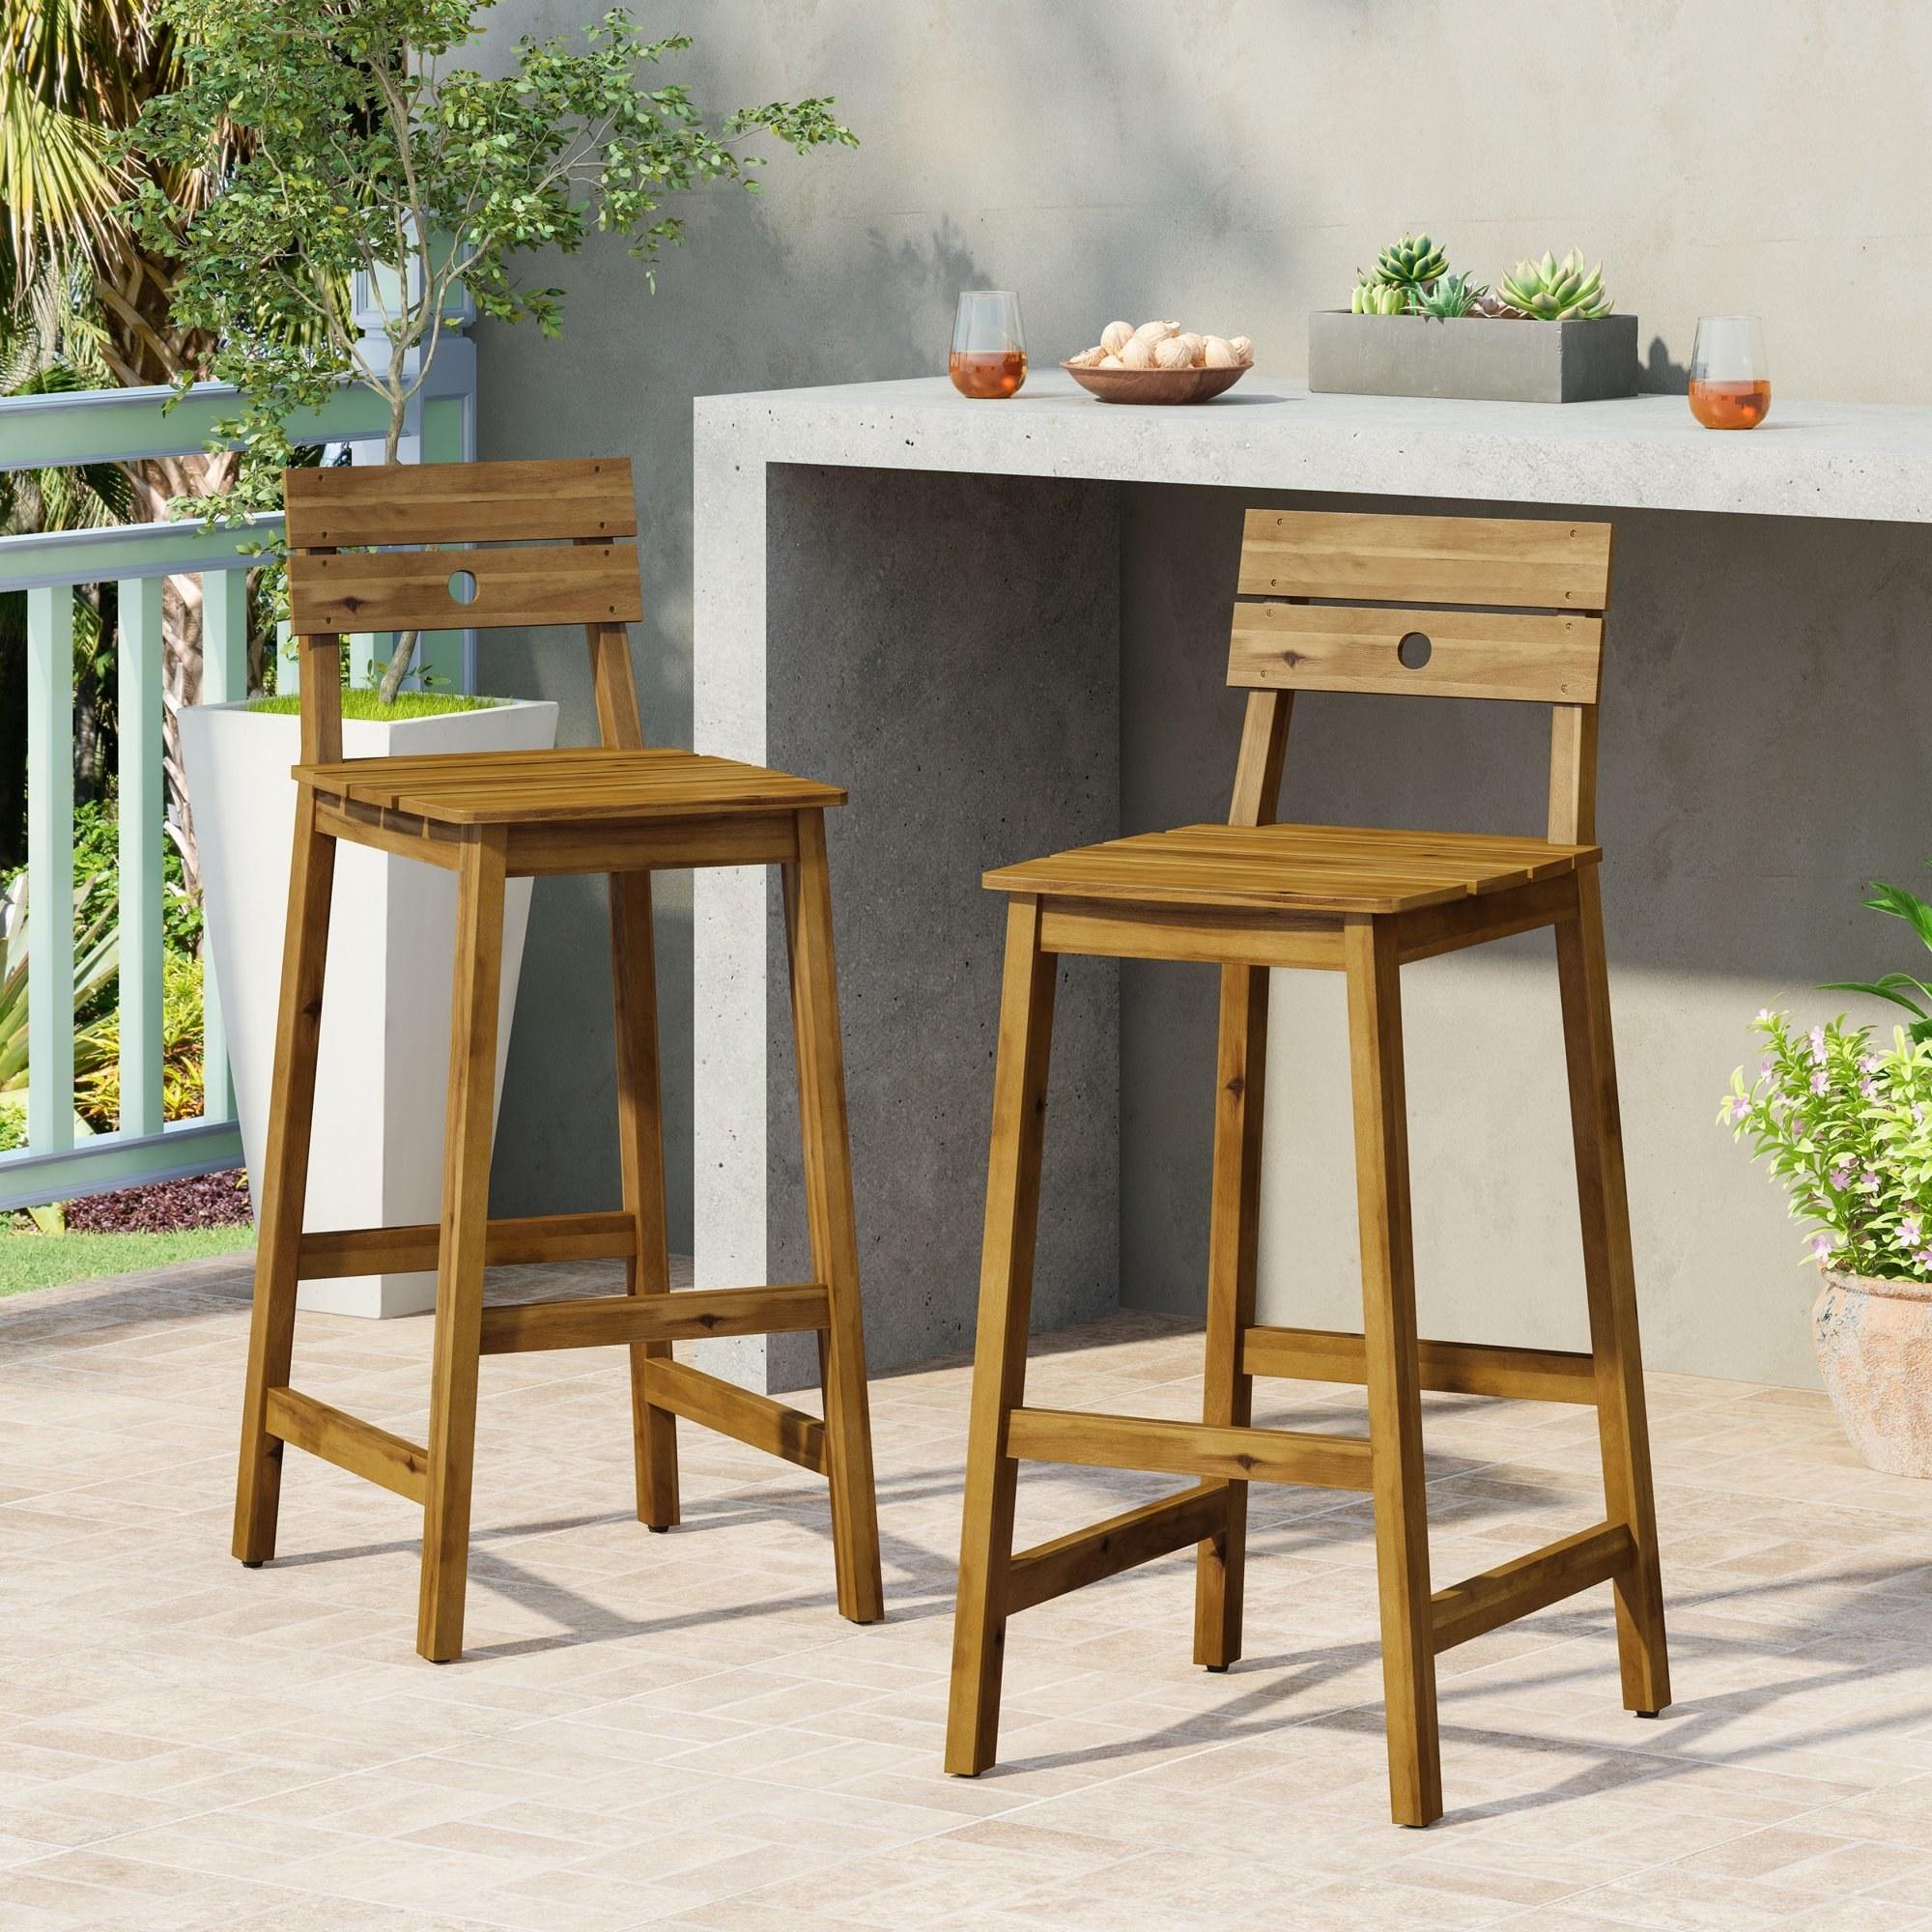 A pair of bar stools